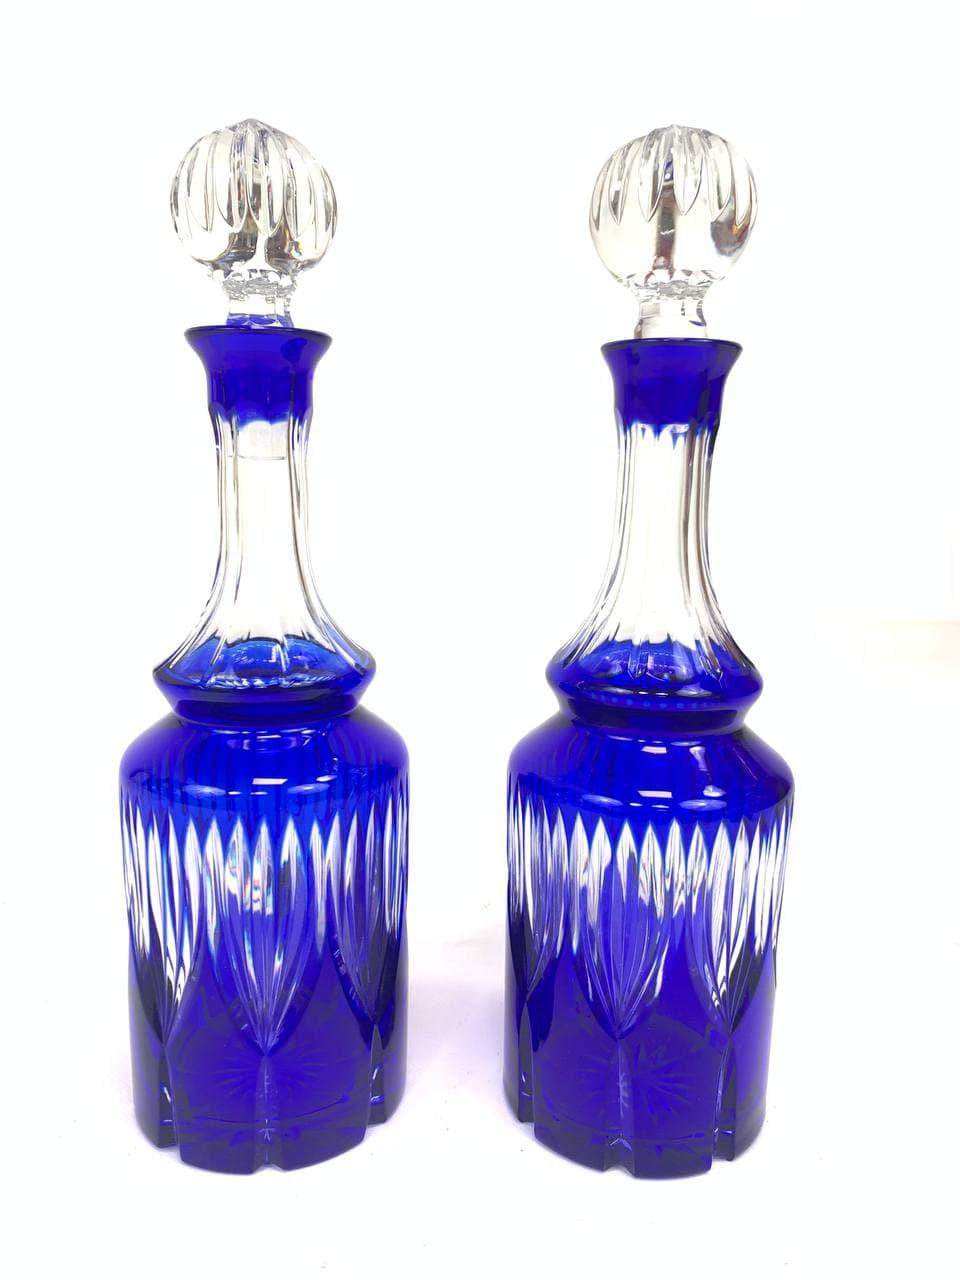 Винтажные большие графины из хрусталя марки Cristal de Paris, модель «Bleu Nina»